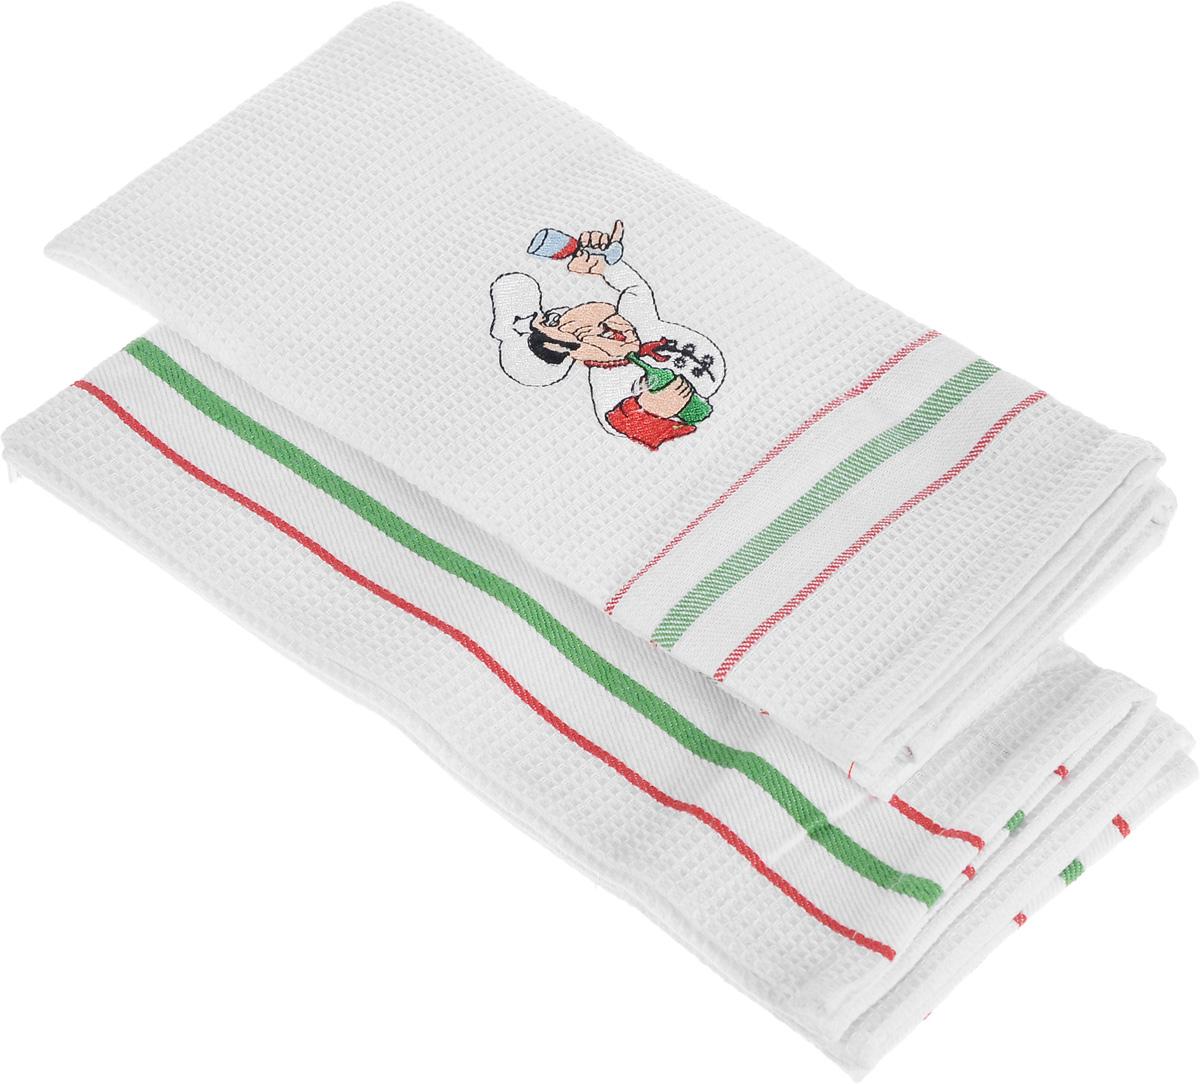 Набор кухонных полотенец Bon Appetit Italy. Towel, цвет: красный, 2 шт790009Кухонные полотенца Bon Appetit Italy. Towel идеально дополнят интерьер вашей кухни и создадут атмосферу уюта и комфорта. Полотенца выполнены из натурального 100% хлопка, поэтому являются экологически чистыми. Качество материала гарантирует безопасность не только взрослых, но и самых маленьких членов семьи. Размер полотенца: 40 х 60 см. В комплекте: 2 полотенца.